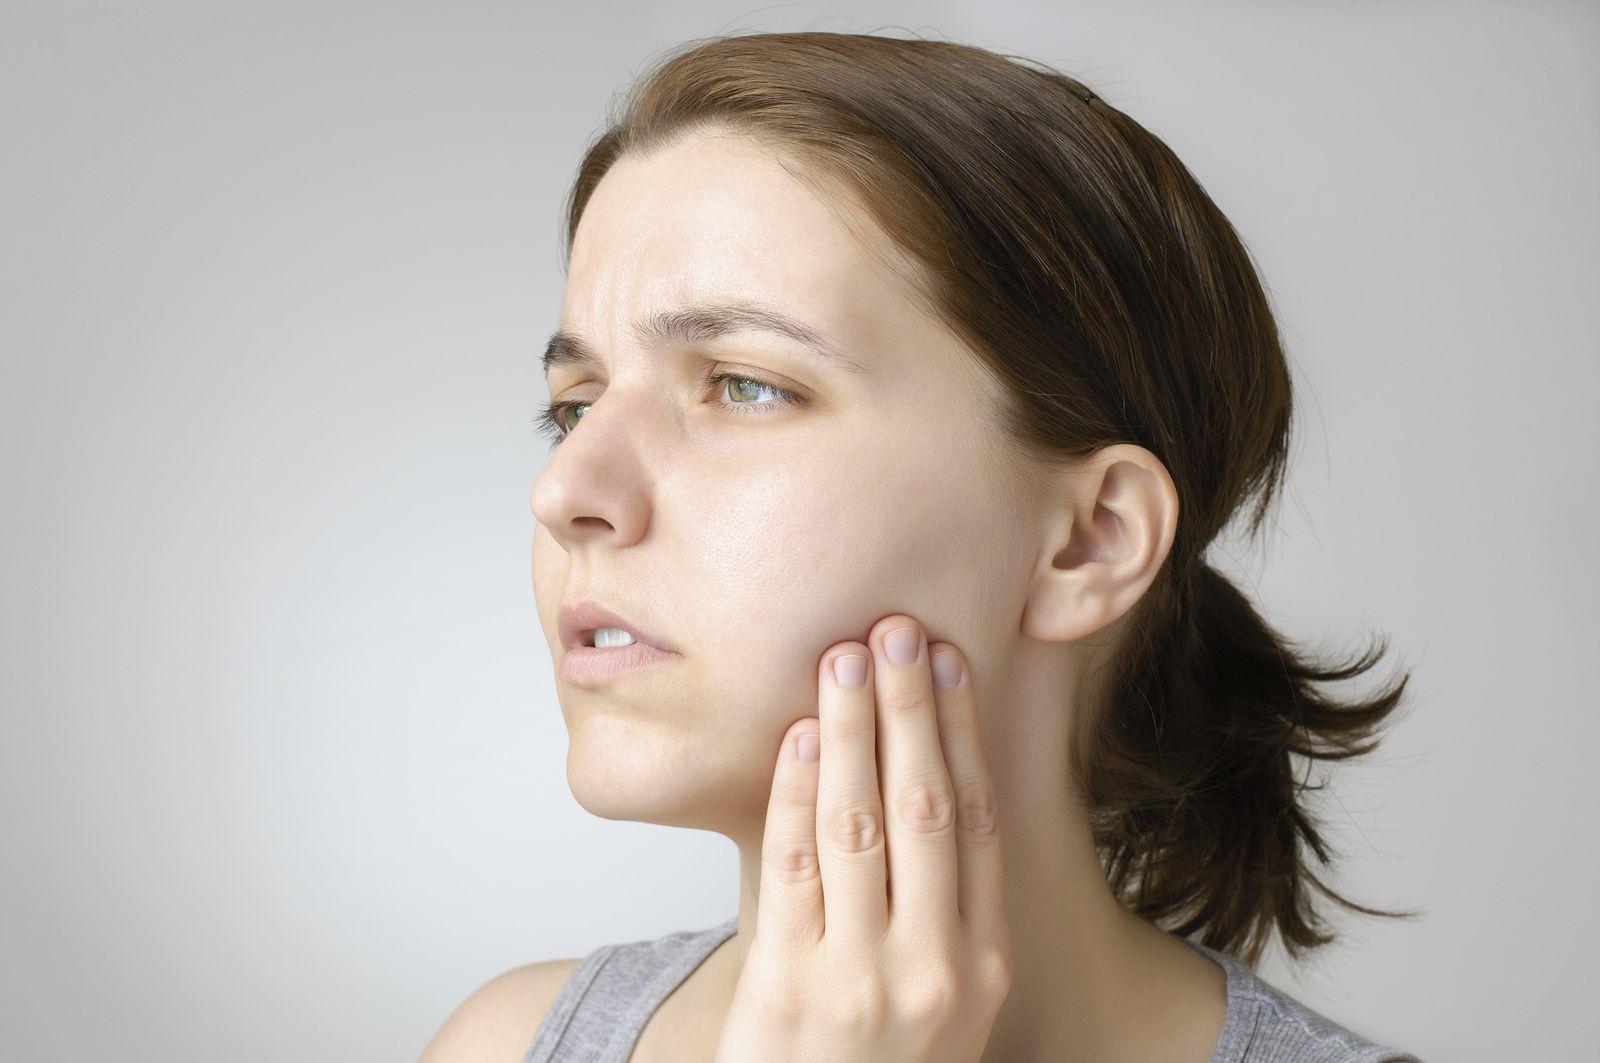 Femme qui ressent une douleur à la mâchoire